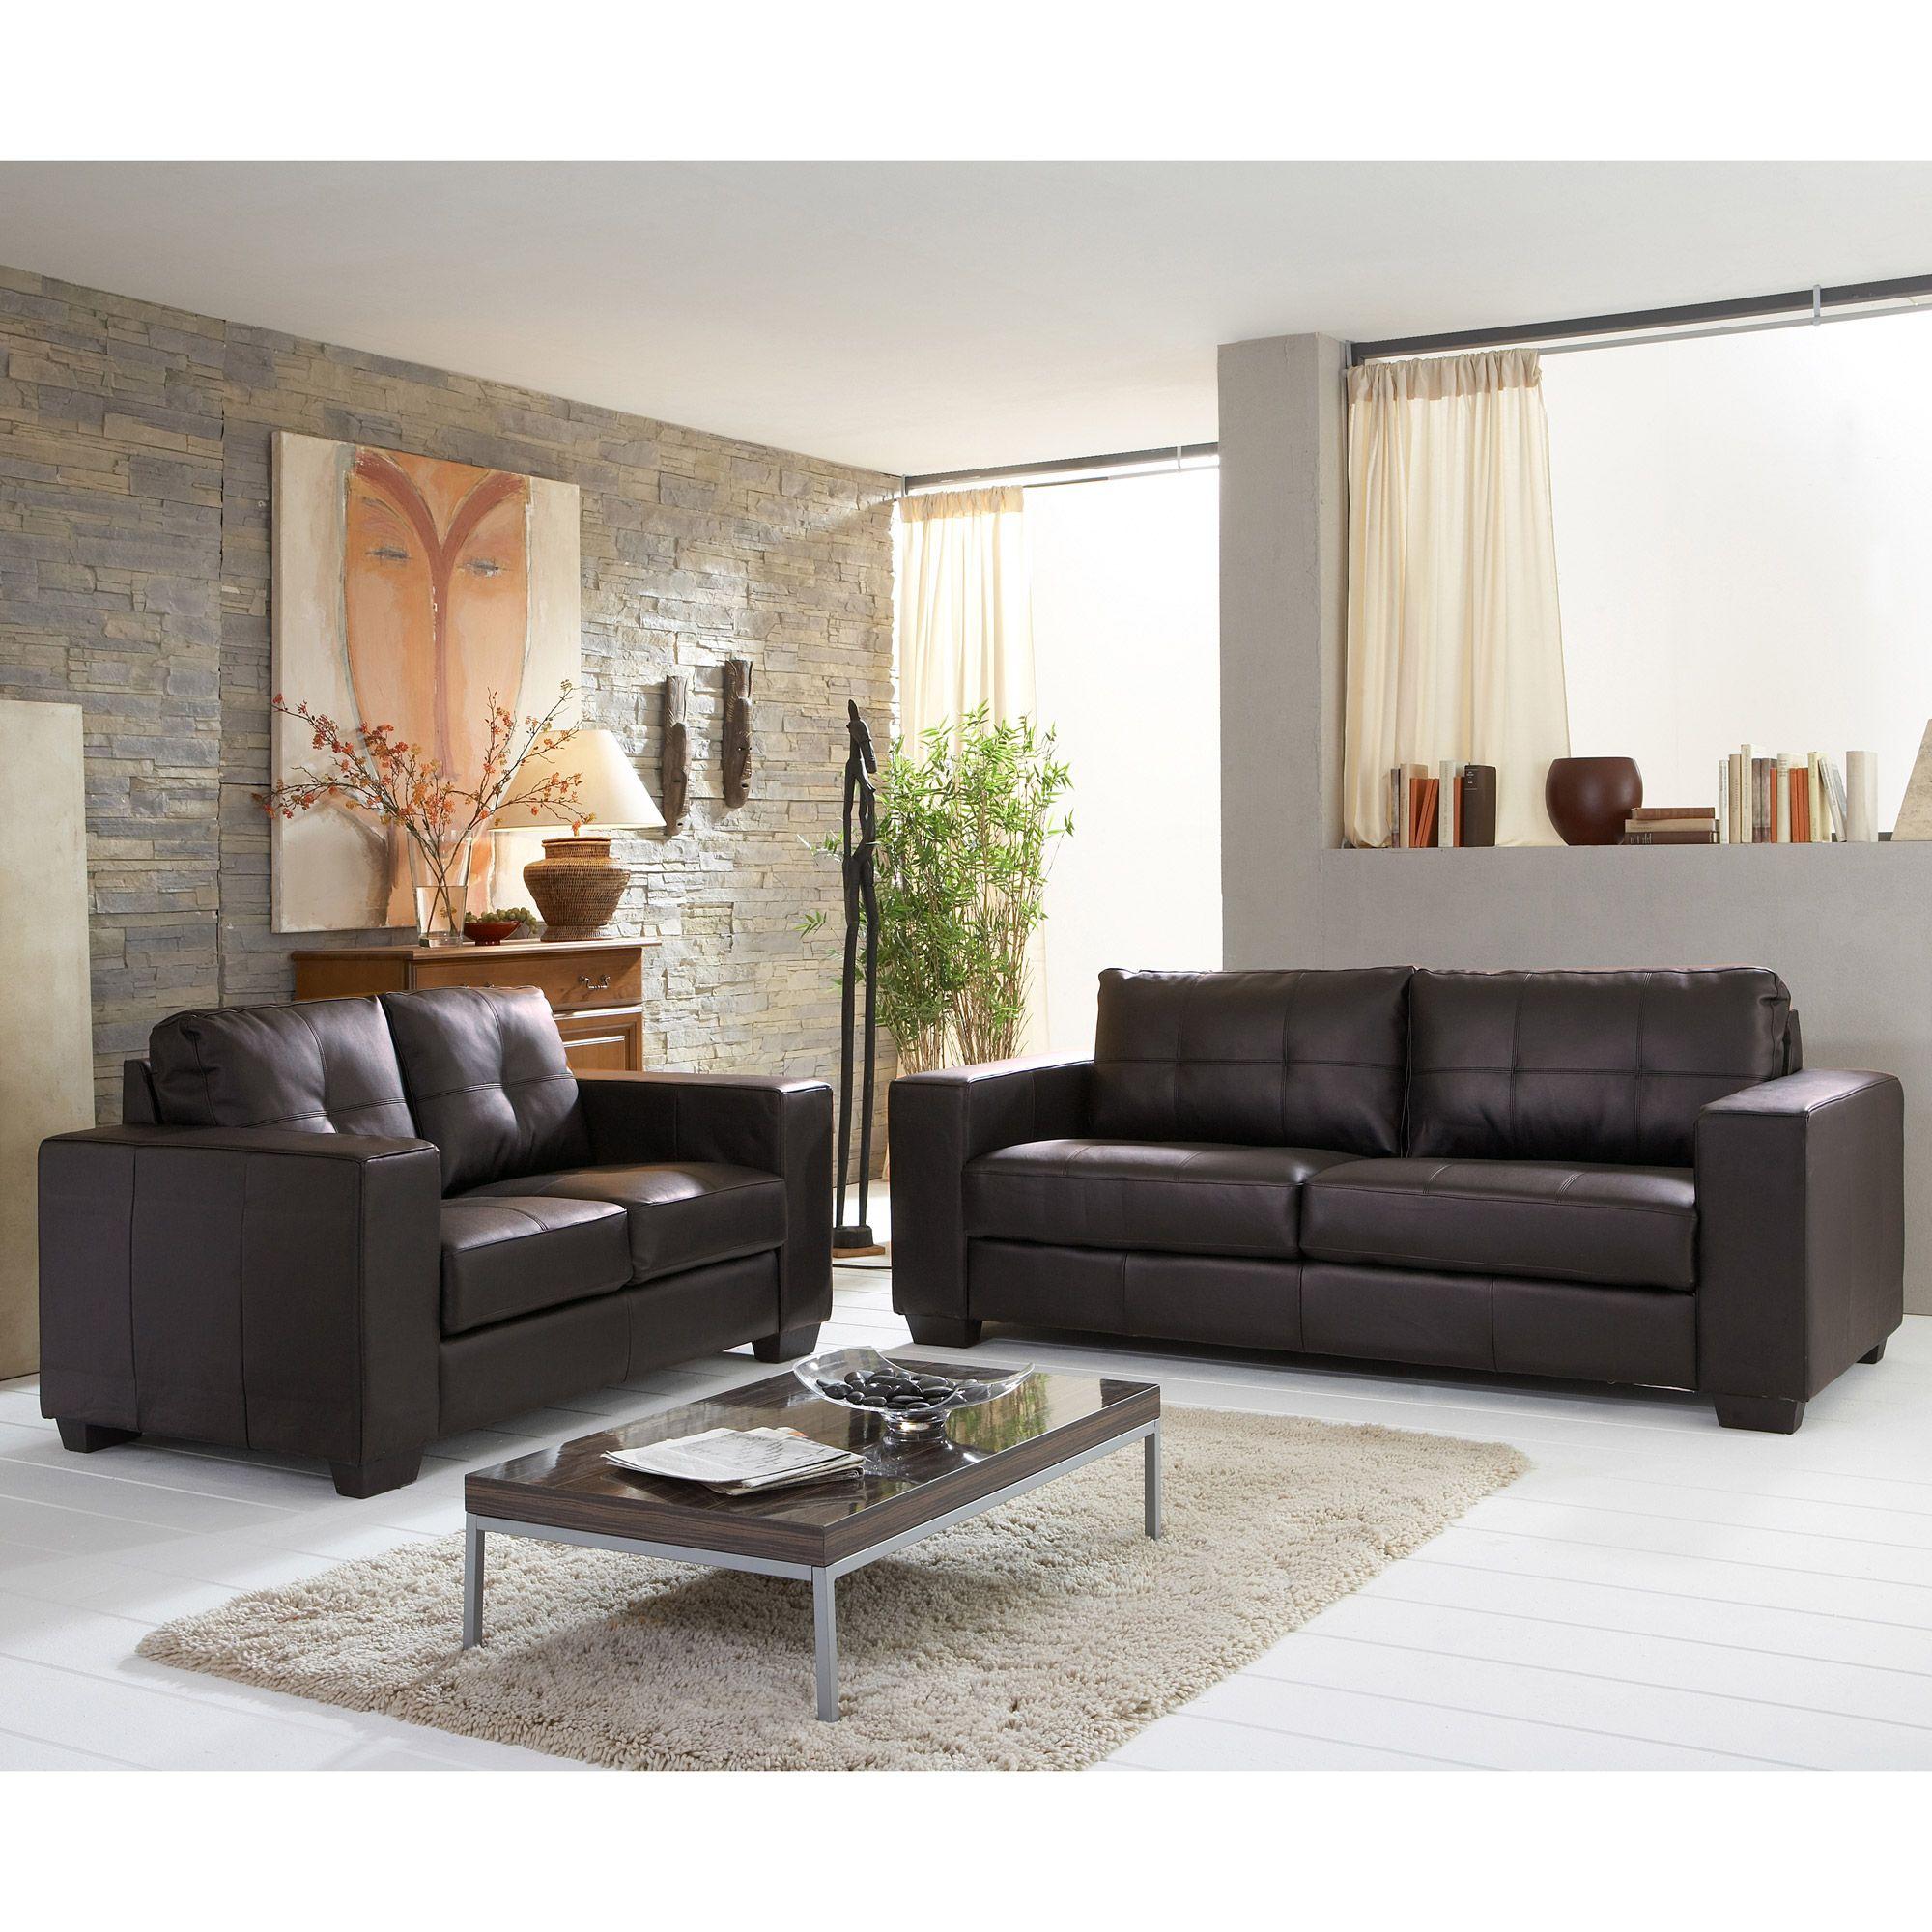 Canapé imitation cuir fixe 3 places 2 places STELLA